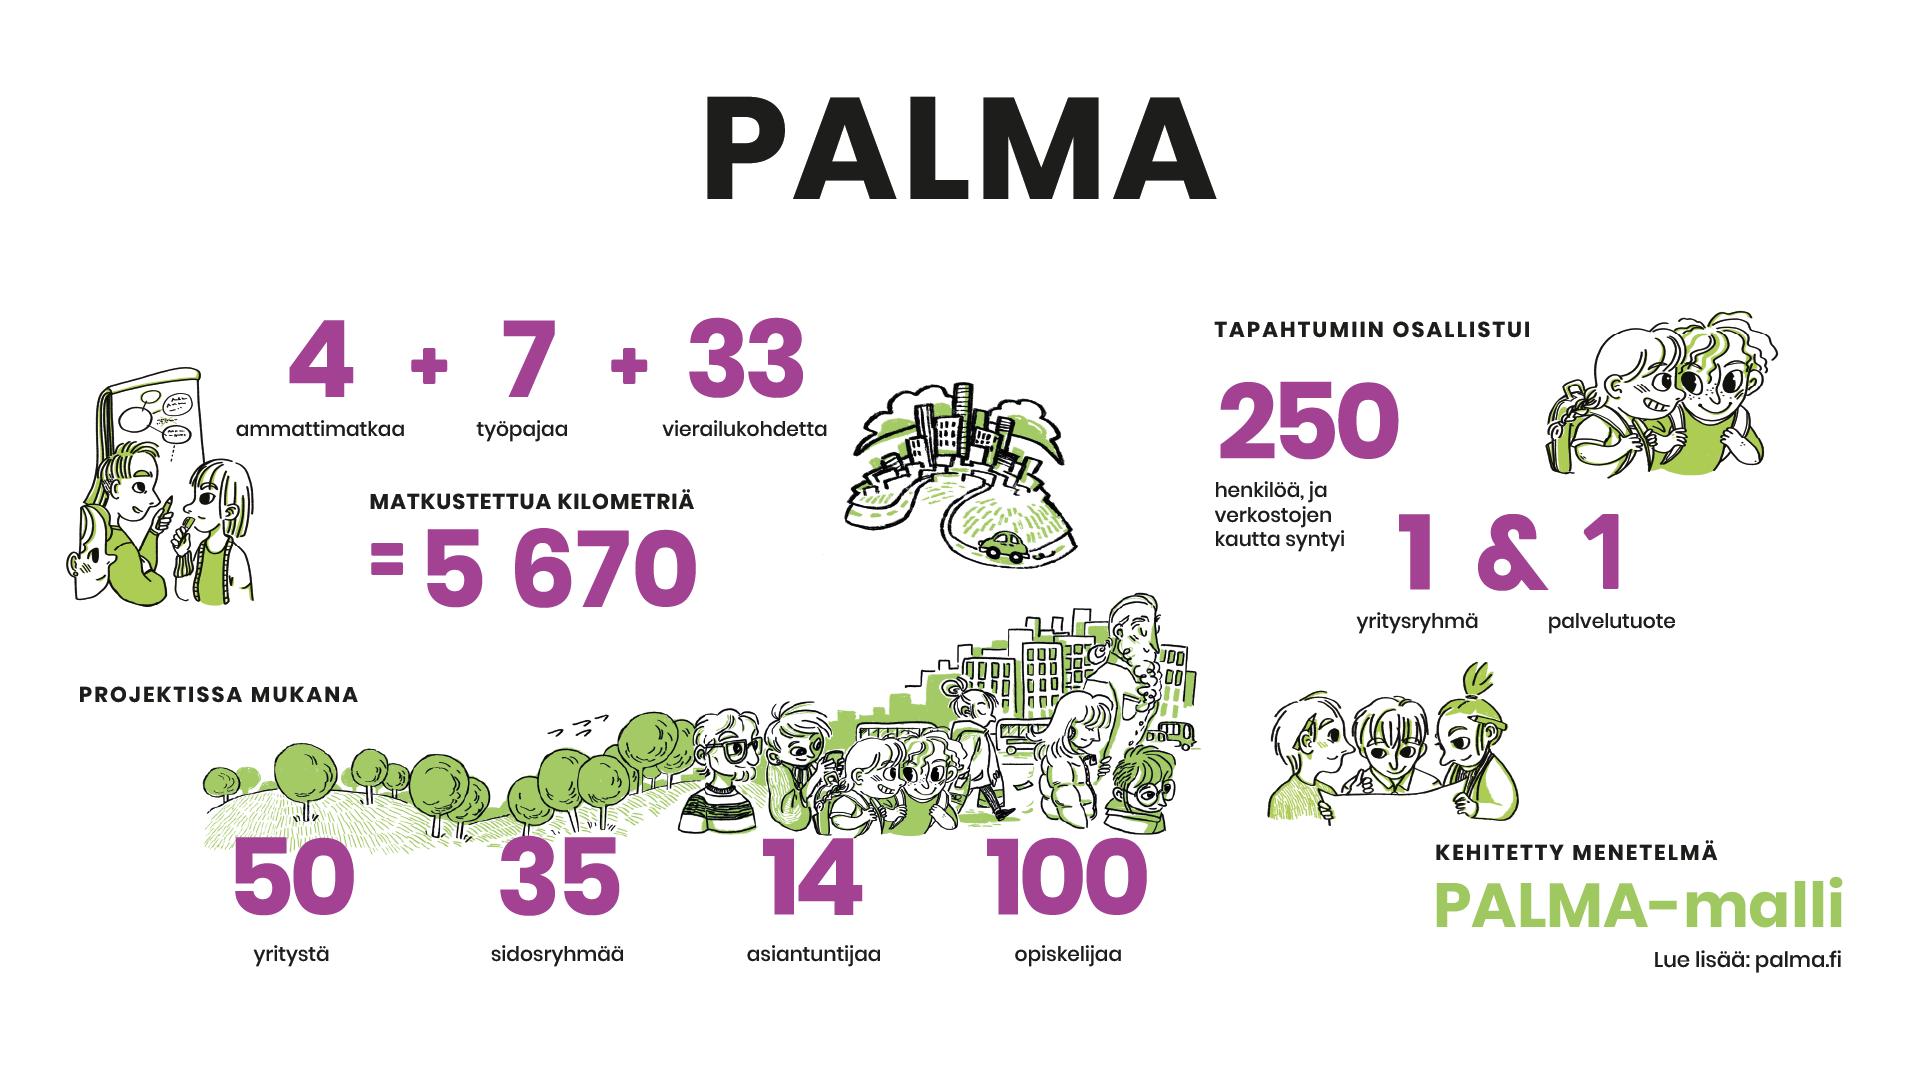 Palma hankkeen tiedot kuvana